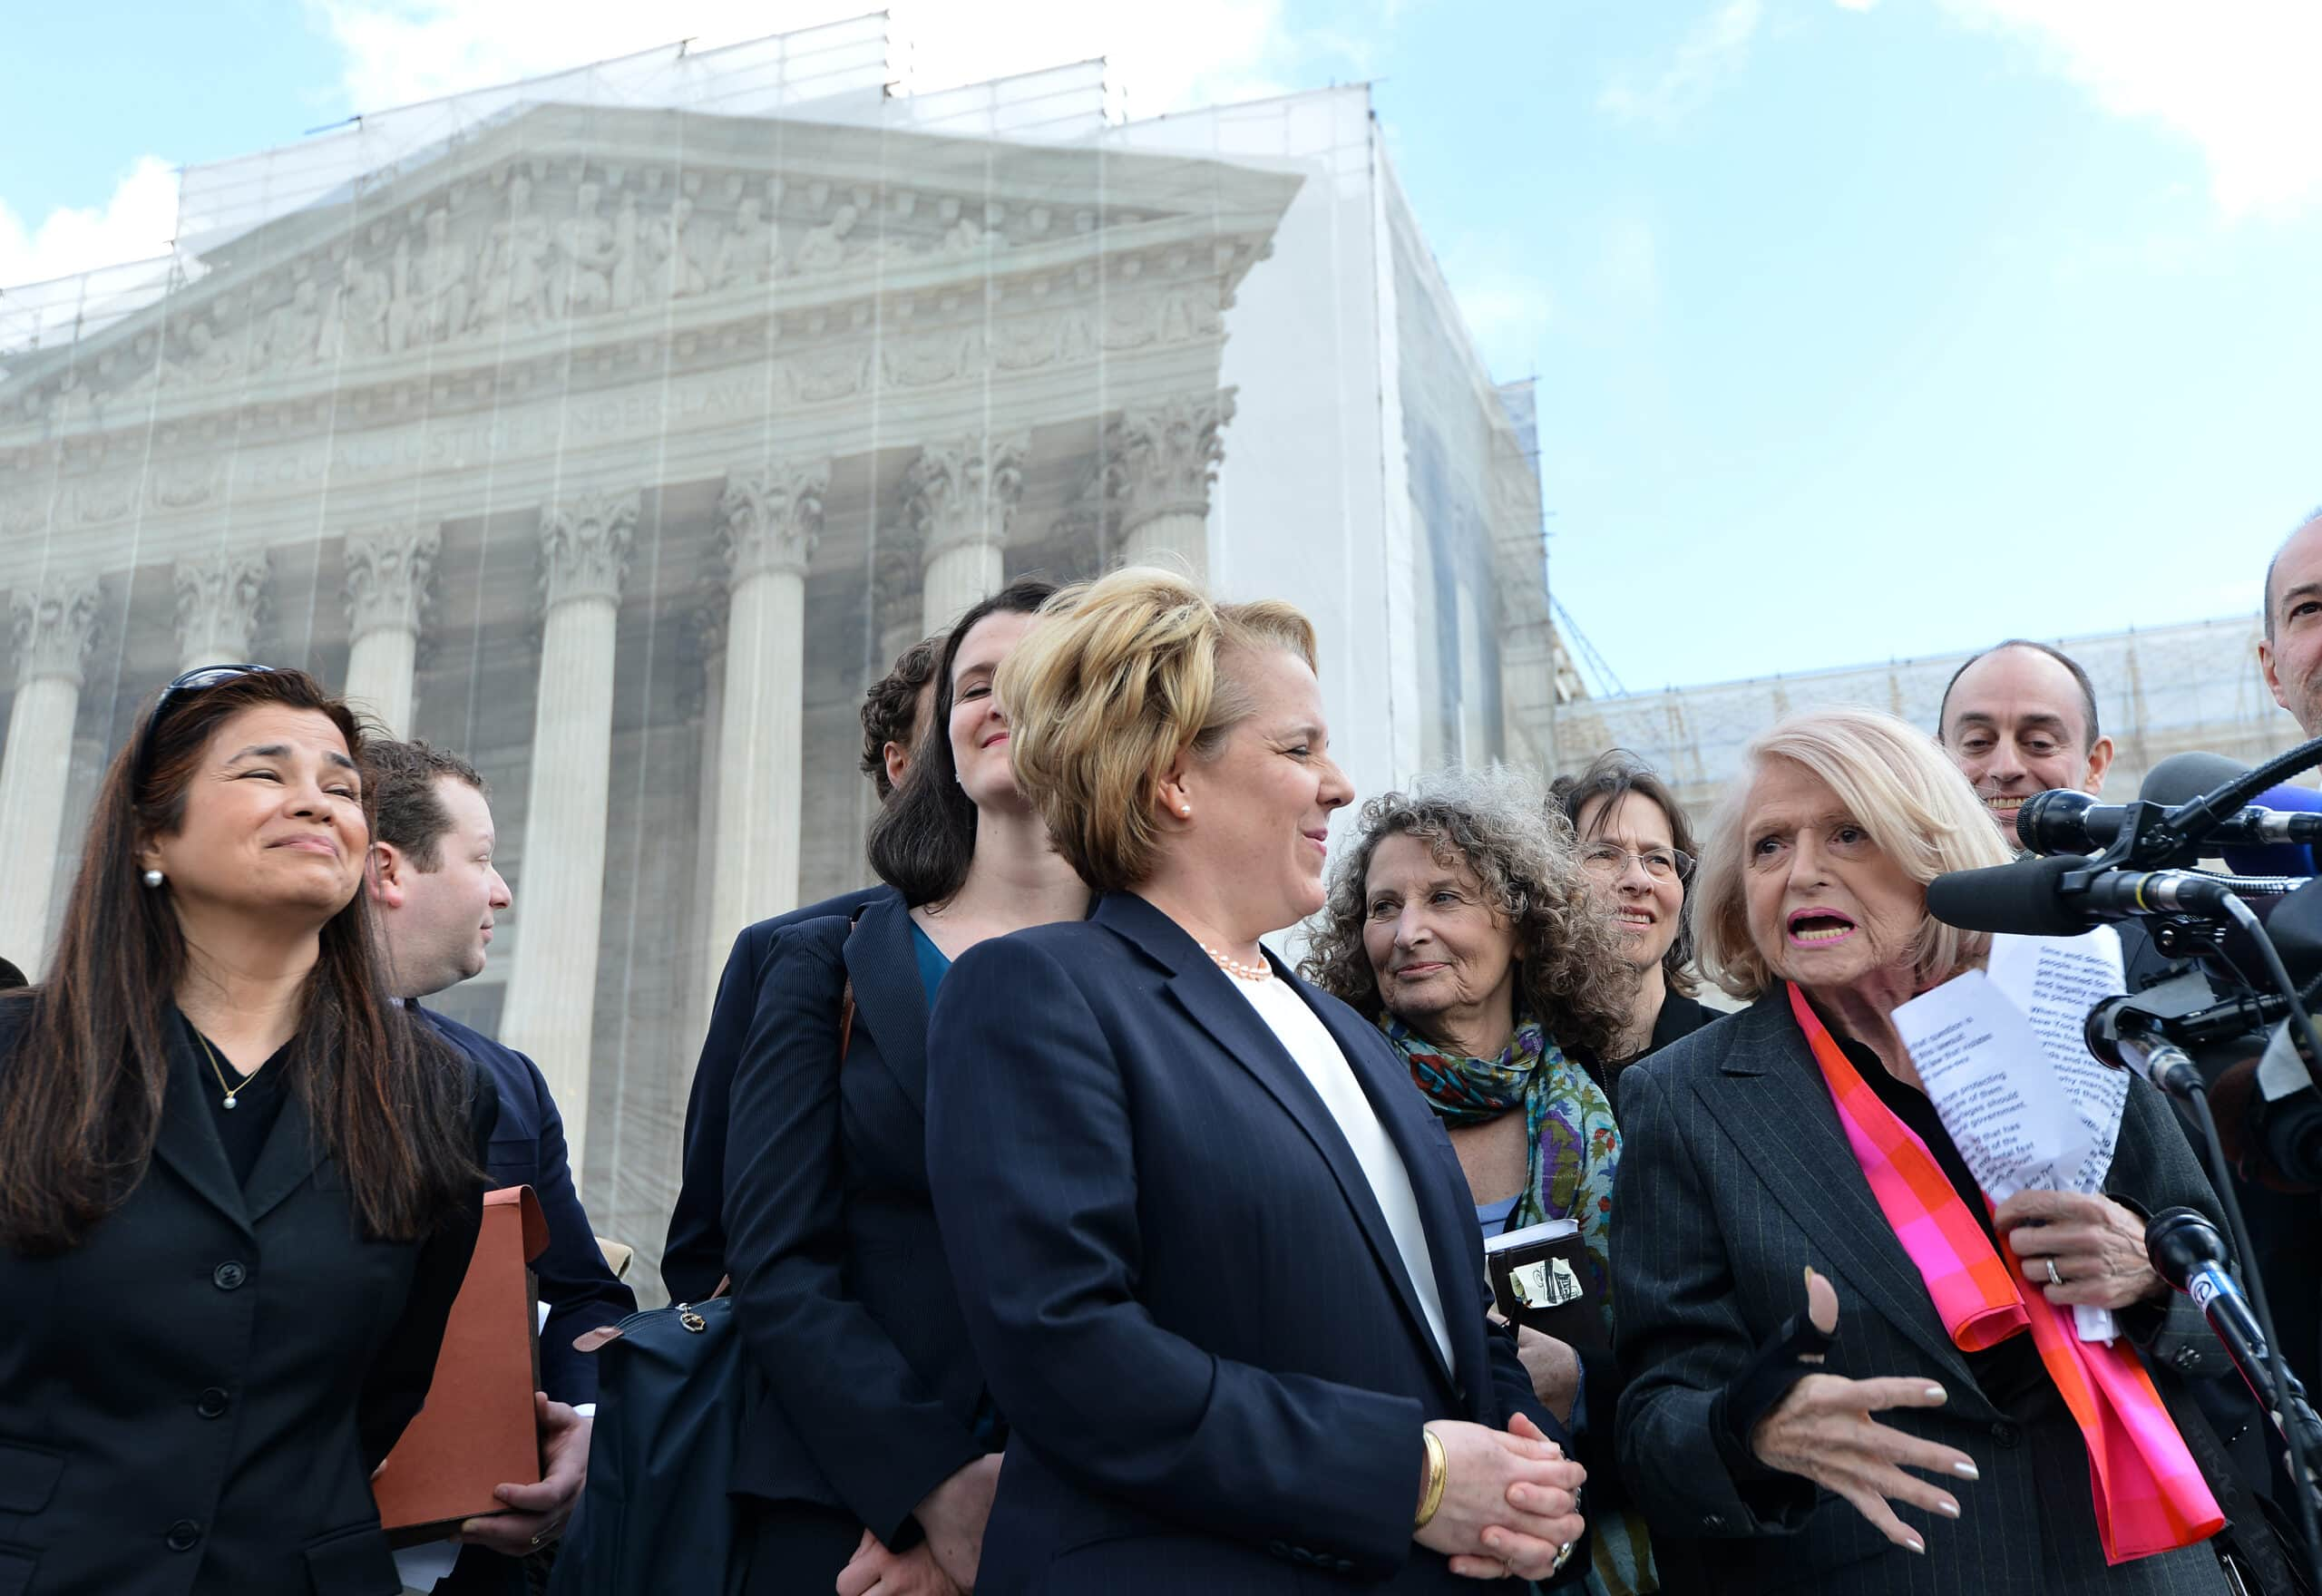 אדי וינדזור, אלמנה לסבית בת 83, מוסרת הודעה לתקשורת כשלצדה עורכת הדין שלה, רוברטה קפלן, בבית המשפט העליון בוושינגטון, 27 במרץ 2013 (צילום: EWEL SAMAD/AFP via Getty Images)